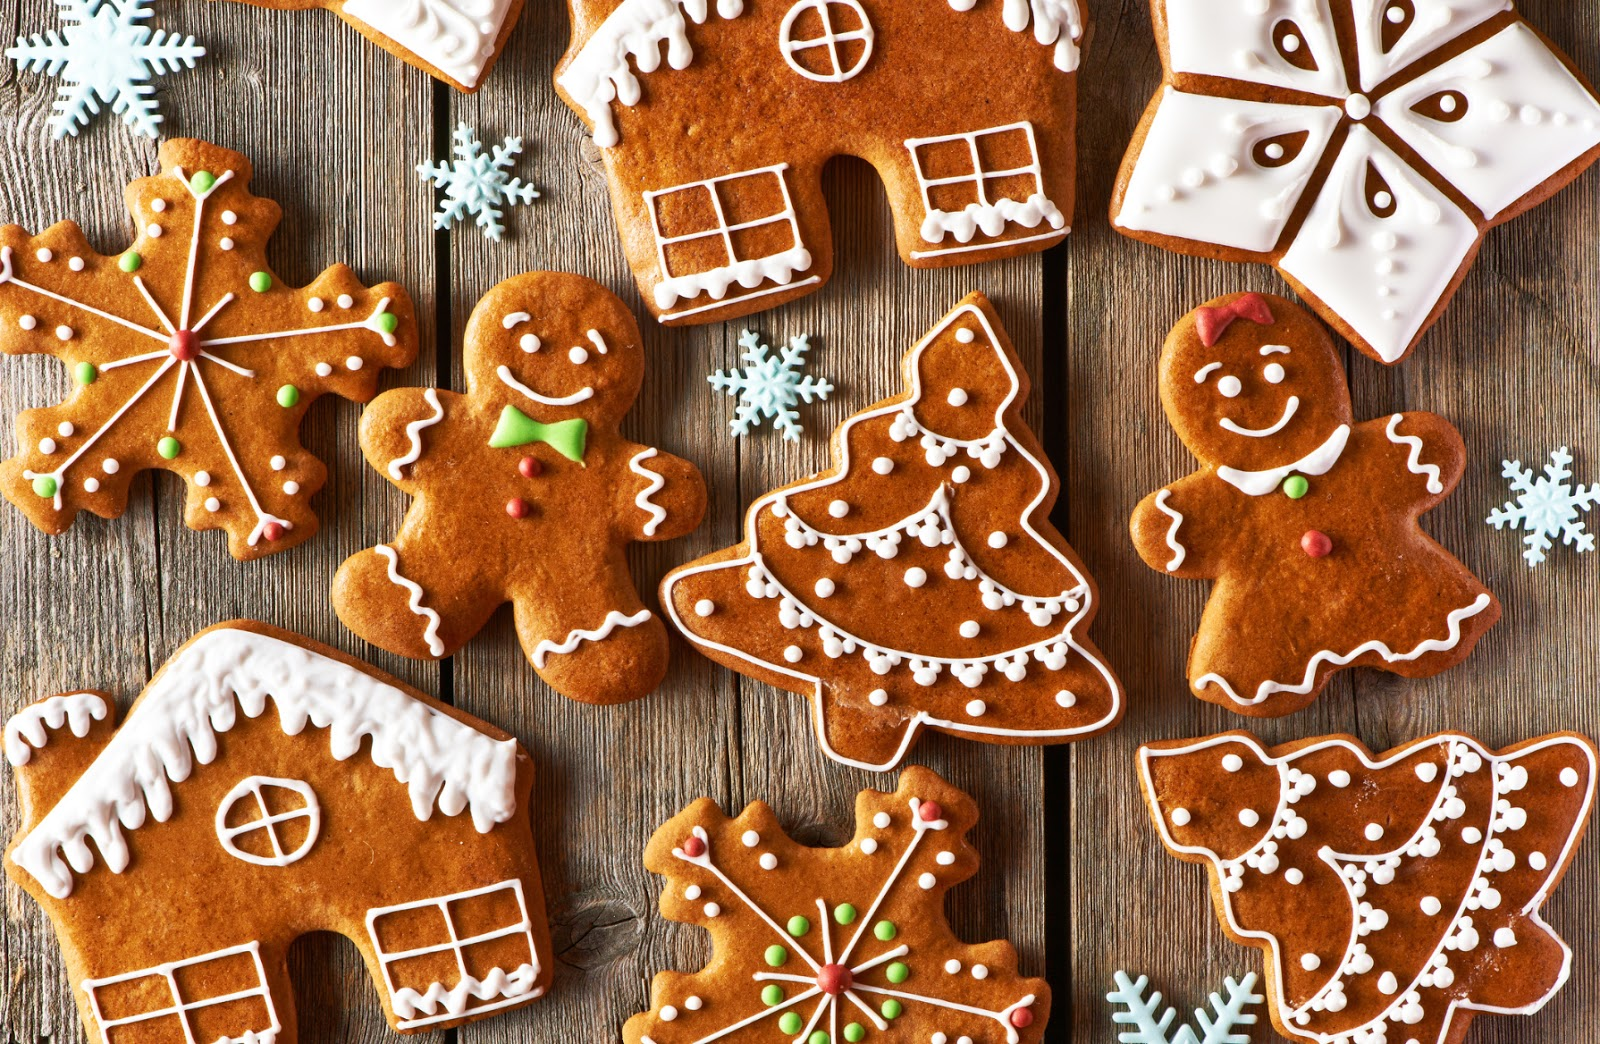 Biscotti E Dolci Natalizi.Energia Per La Vita Quante Calorie Hanno I Dolci Di Natale